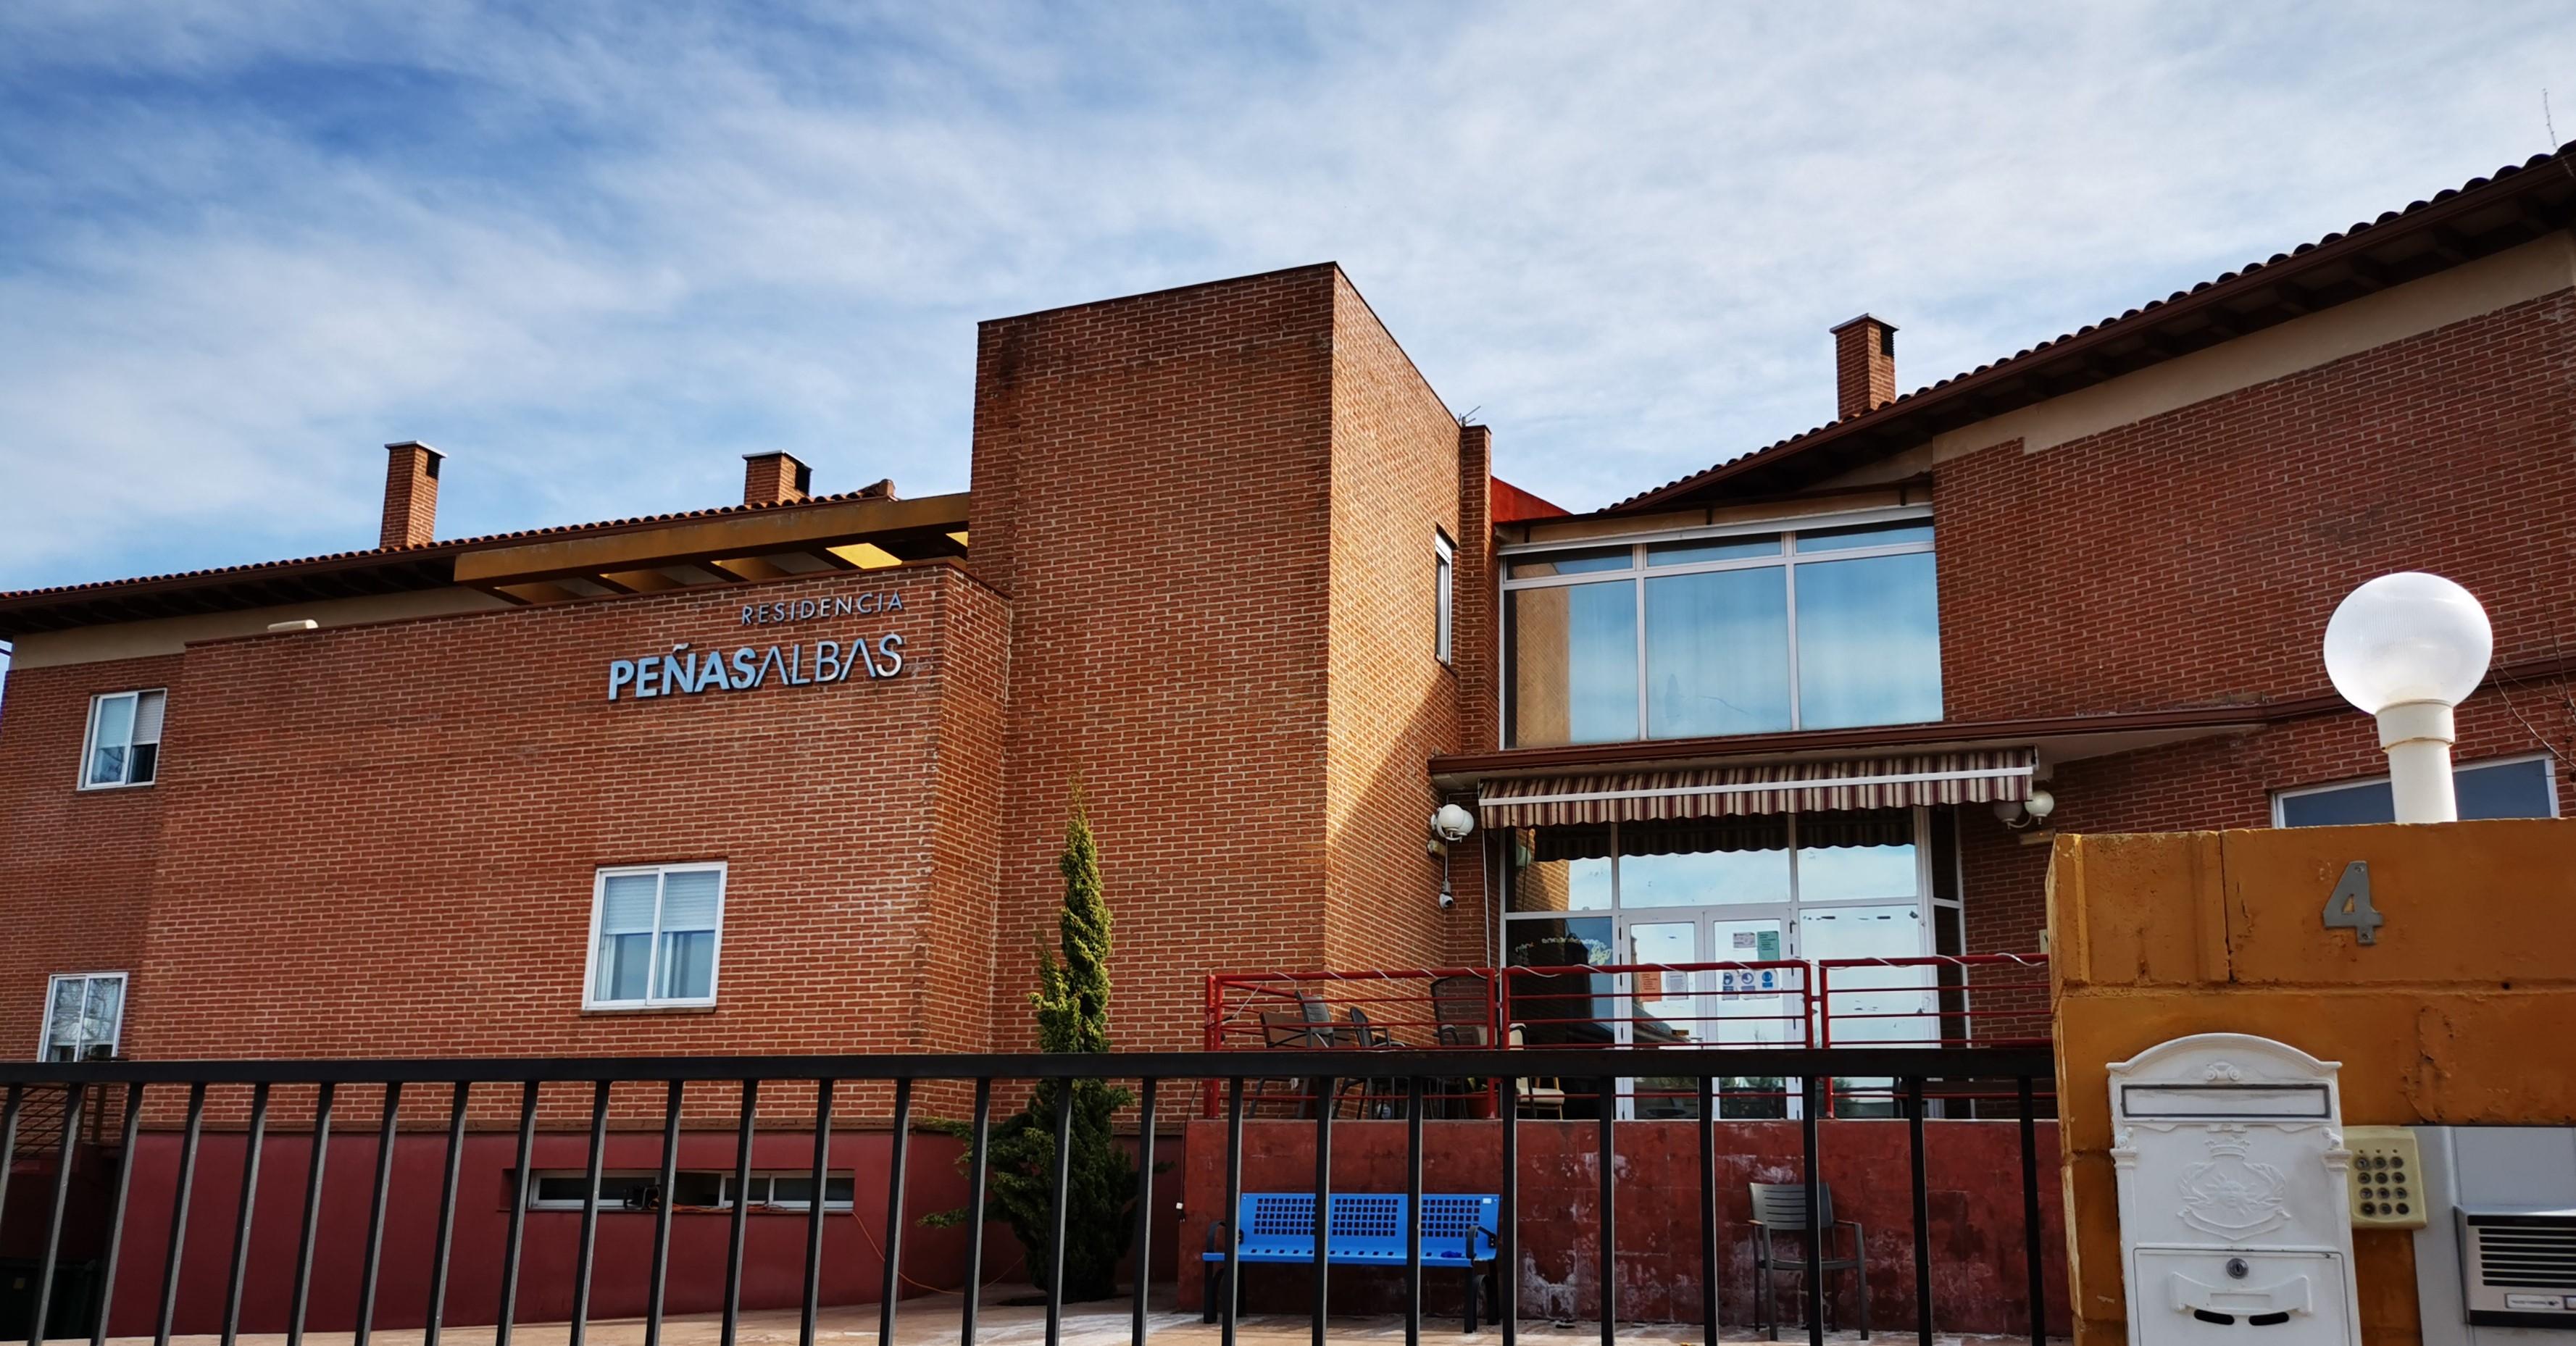 Residencia_Peñaslabas_Exterior_2